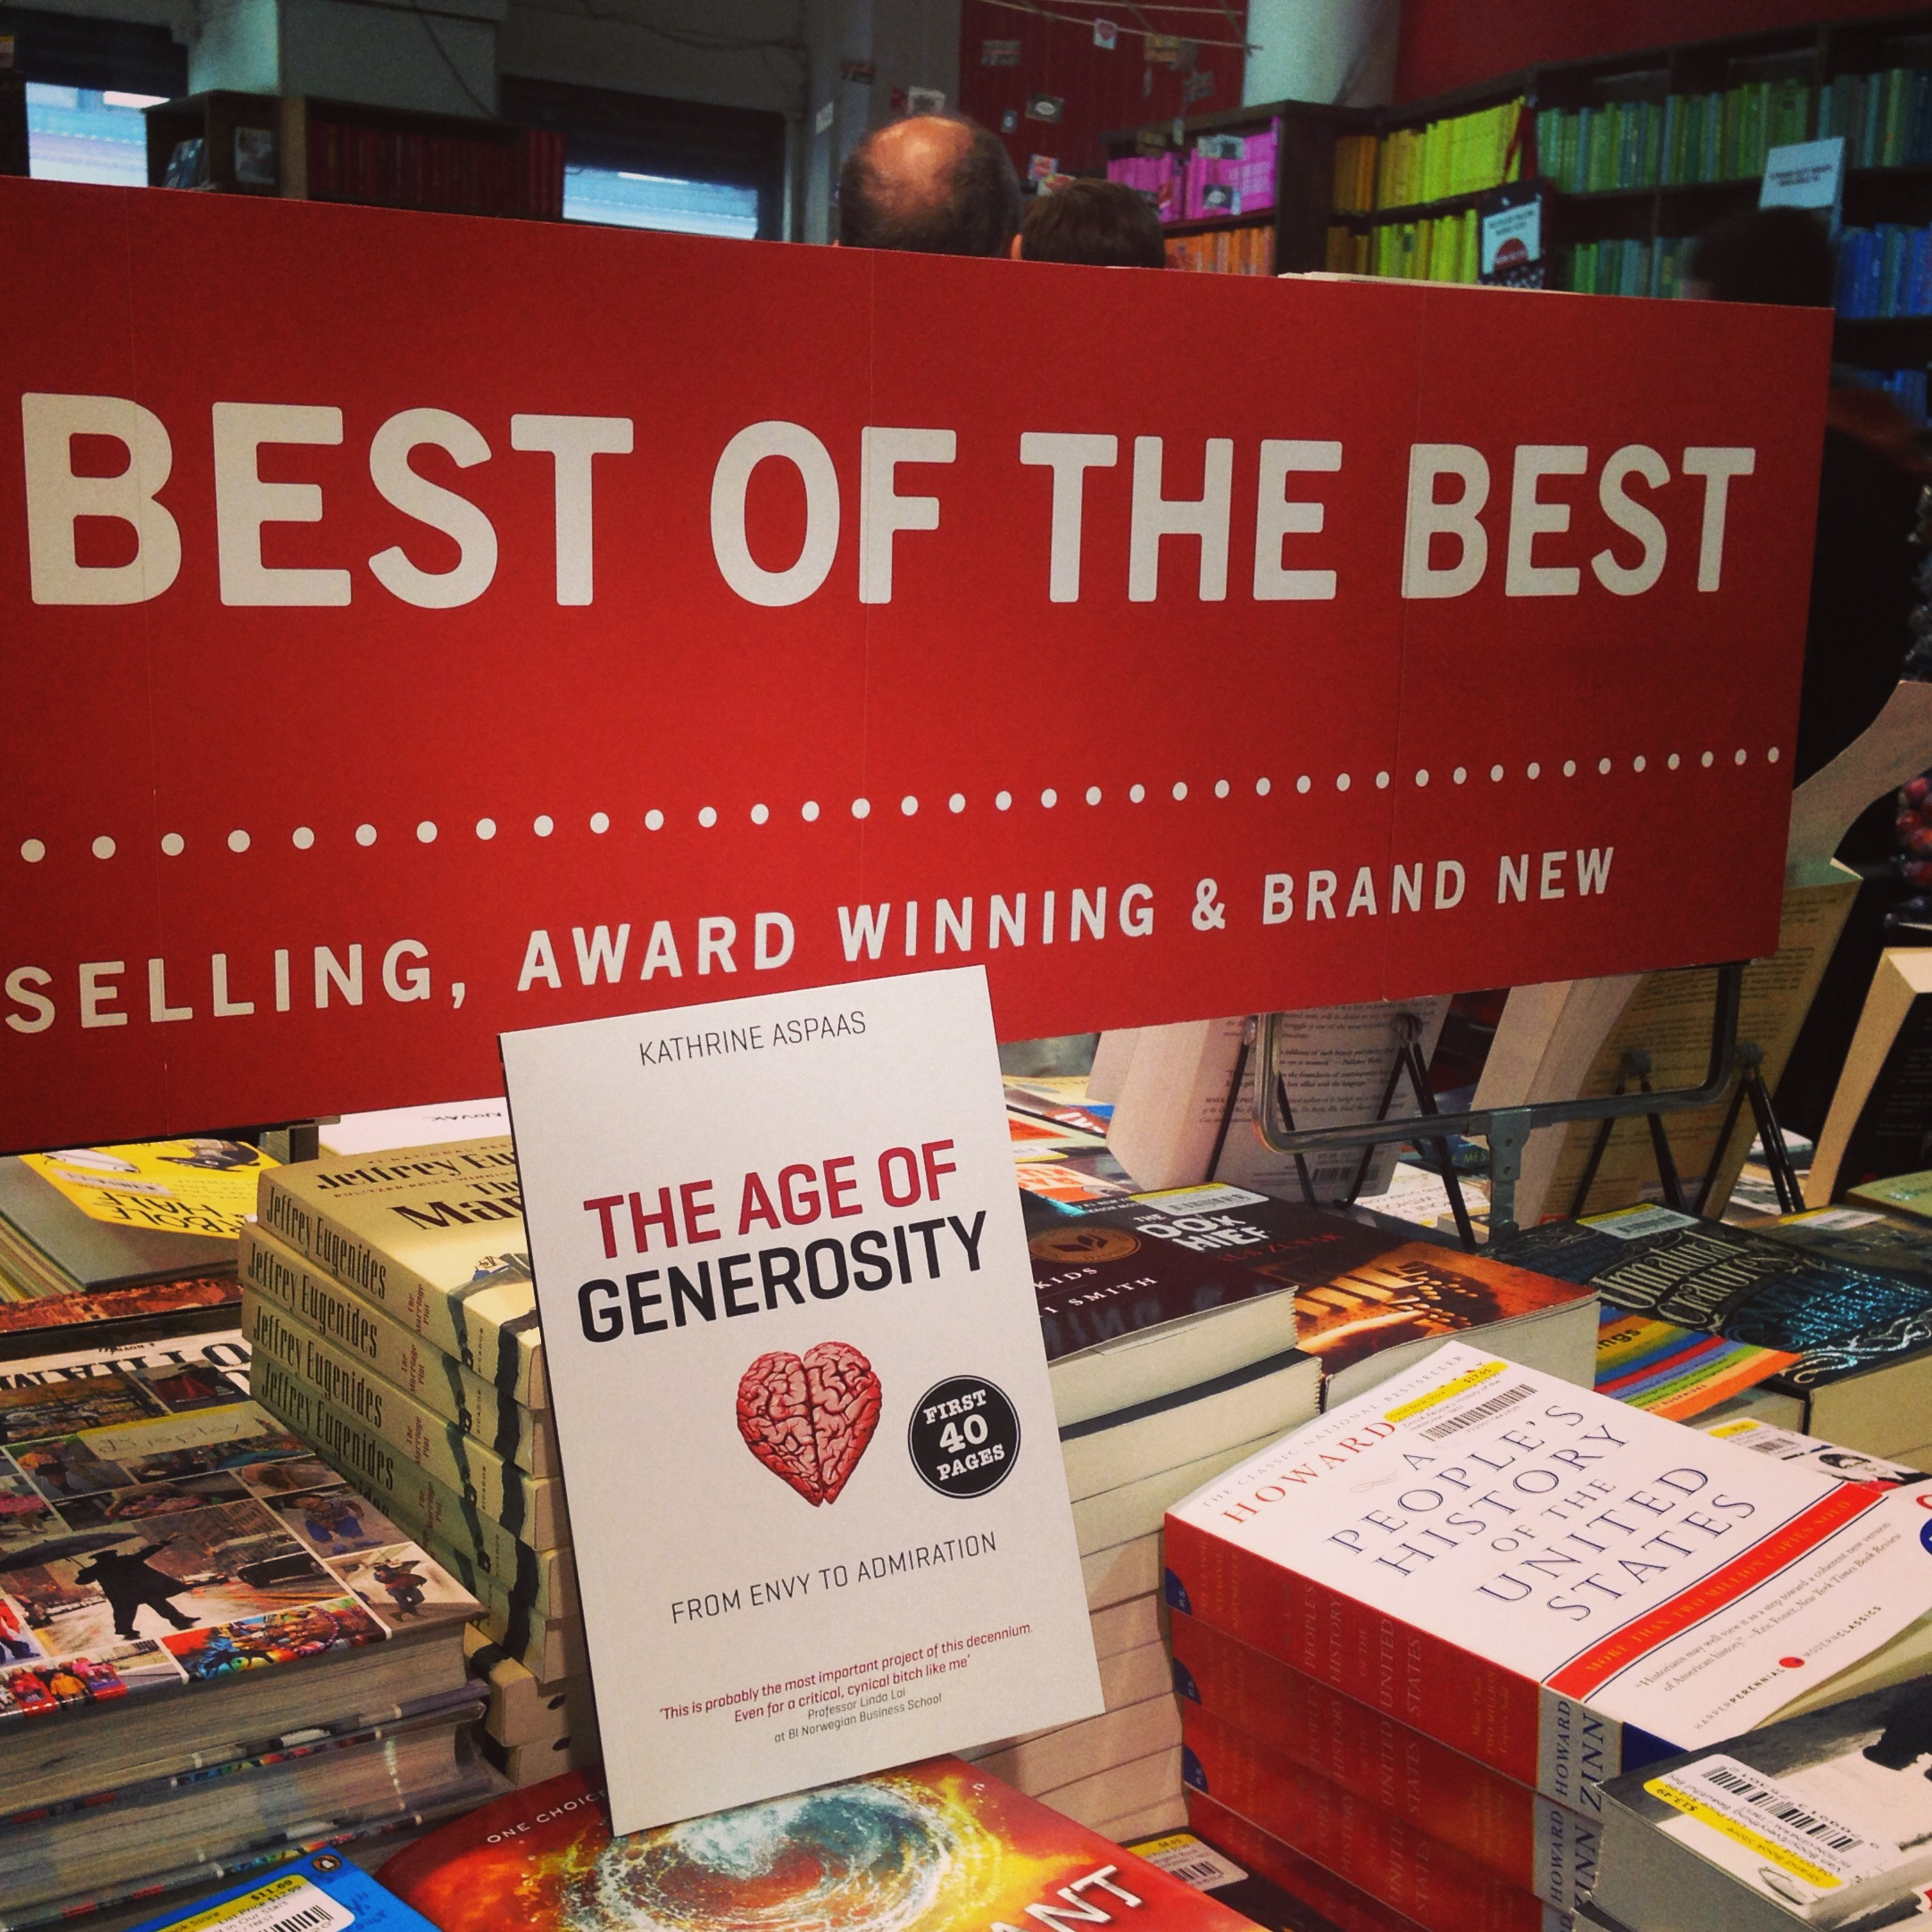 Geriilja-markedsføring hos legendariske Strand Bookstore på Broadway. Ganske så frekt - og veldig moro!